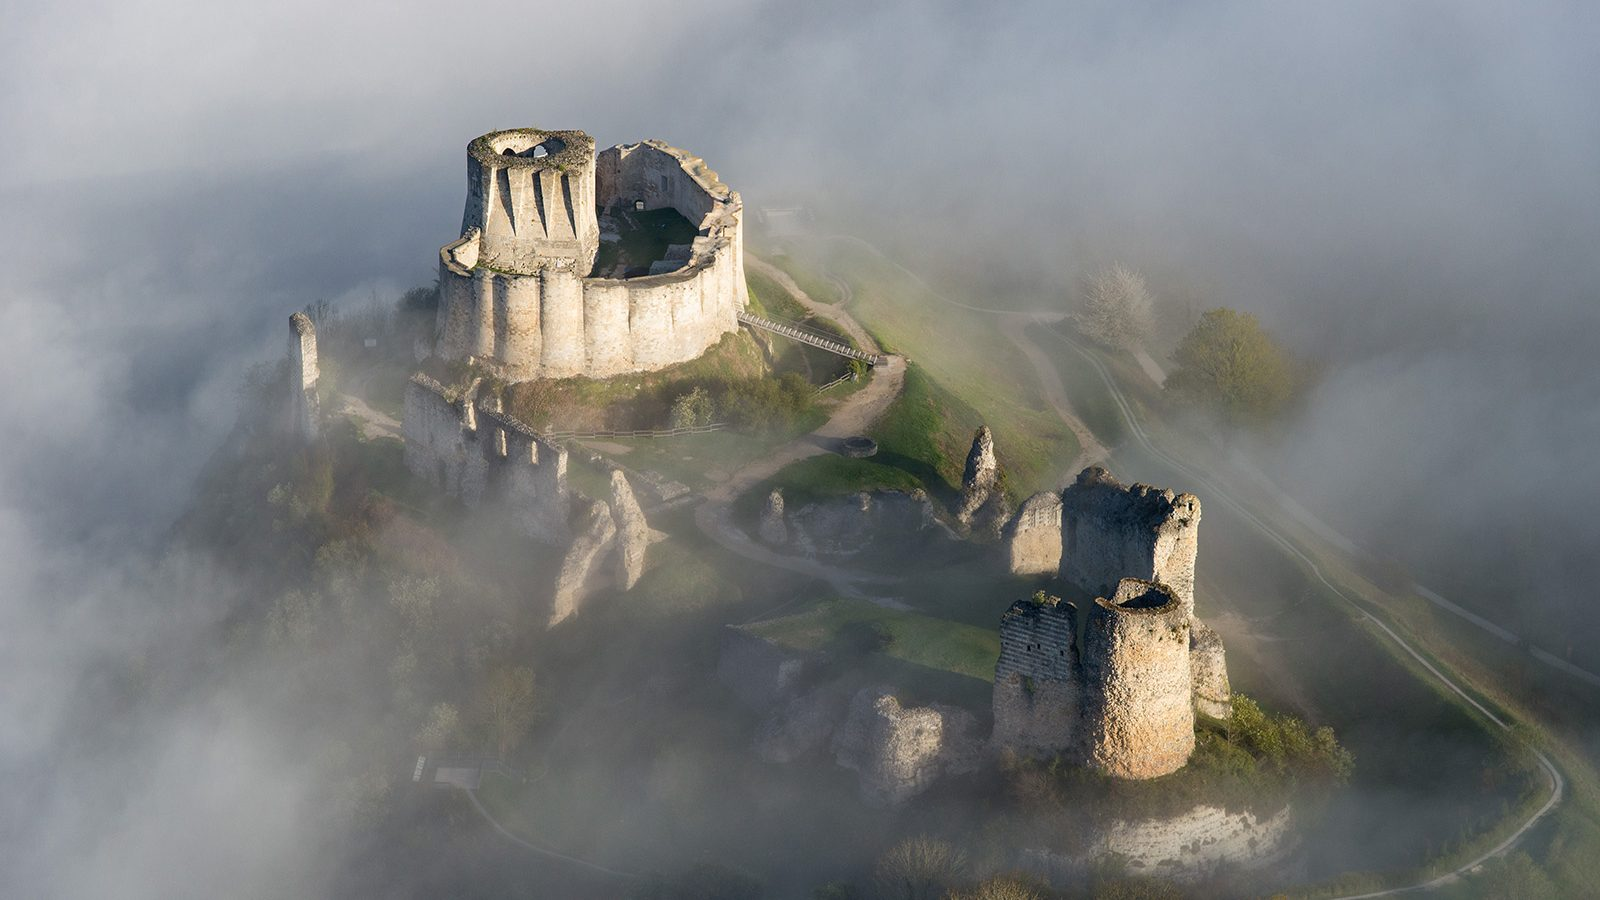 una noche en el castillo - Página 2 Chateau-gaillard-francis-cormon-1600x900